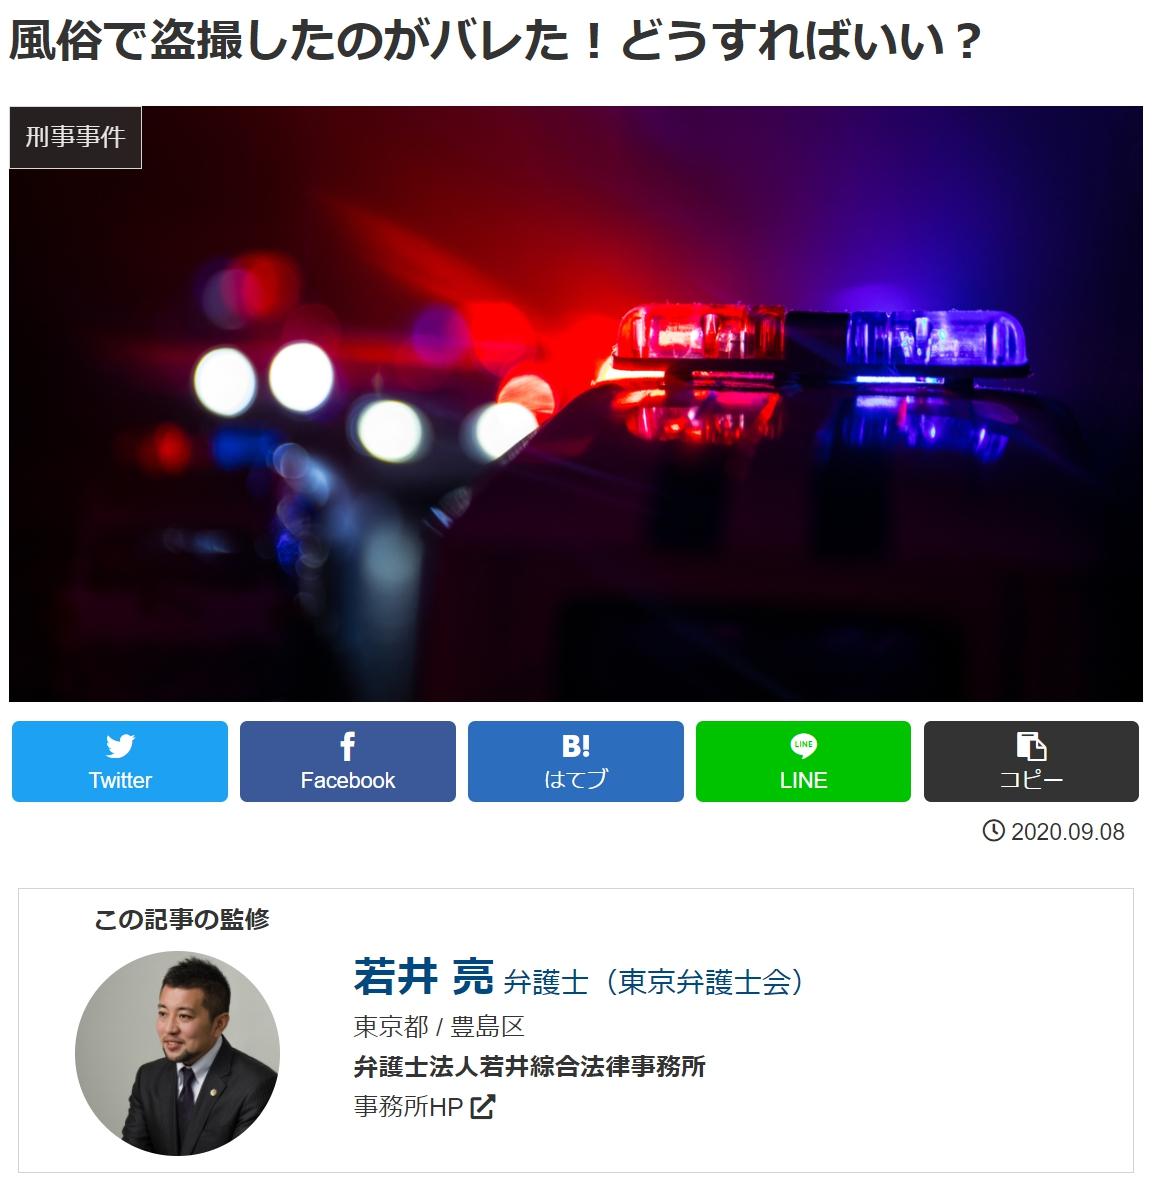 ココナラ法律相談風俗トラブル監修弁護士若井亮